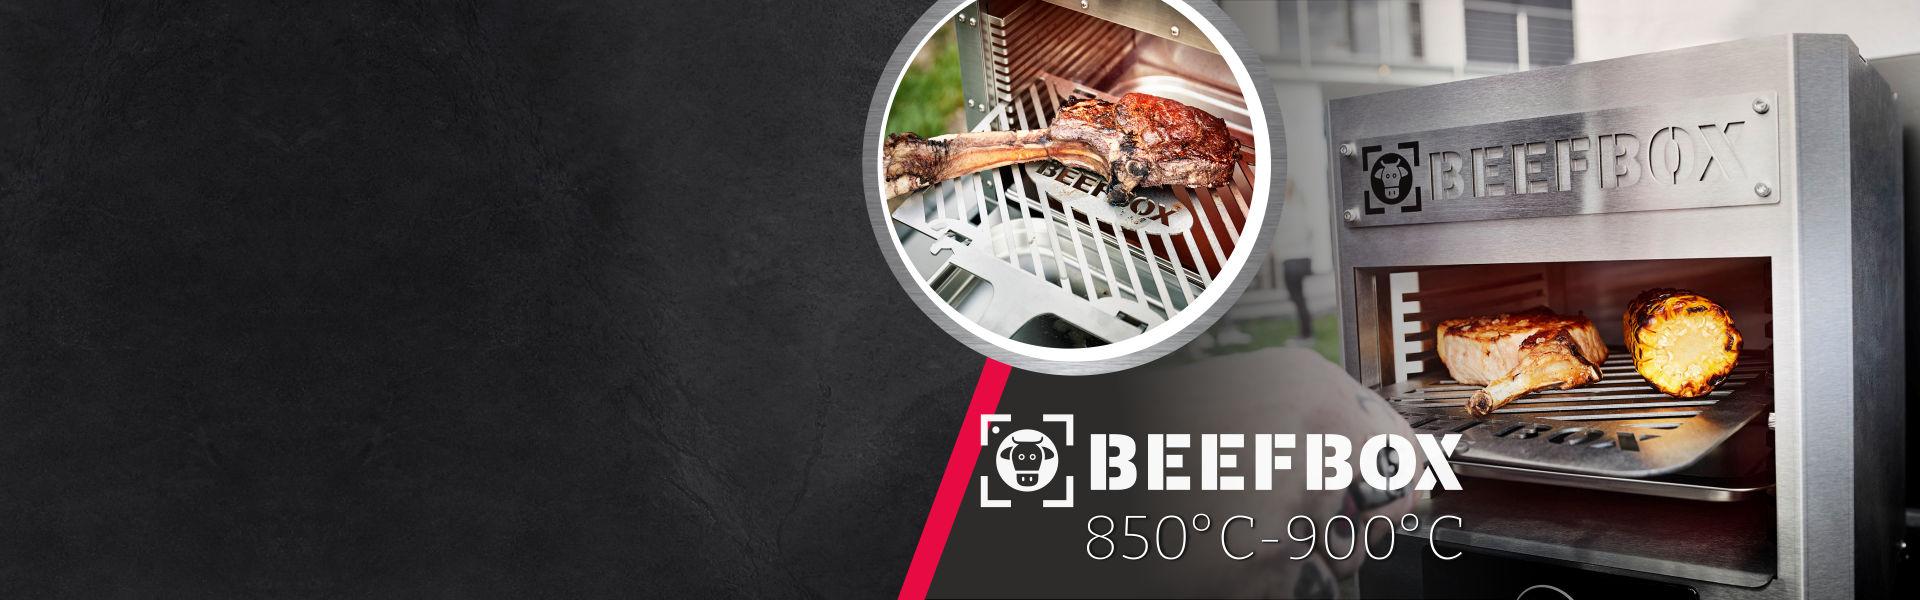 BEEFBOX